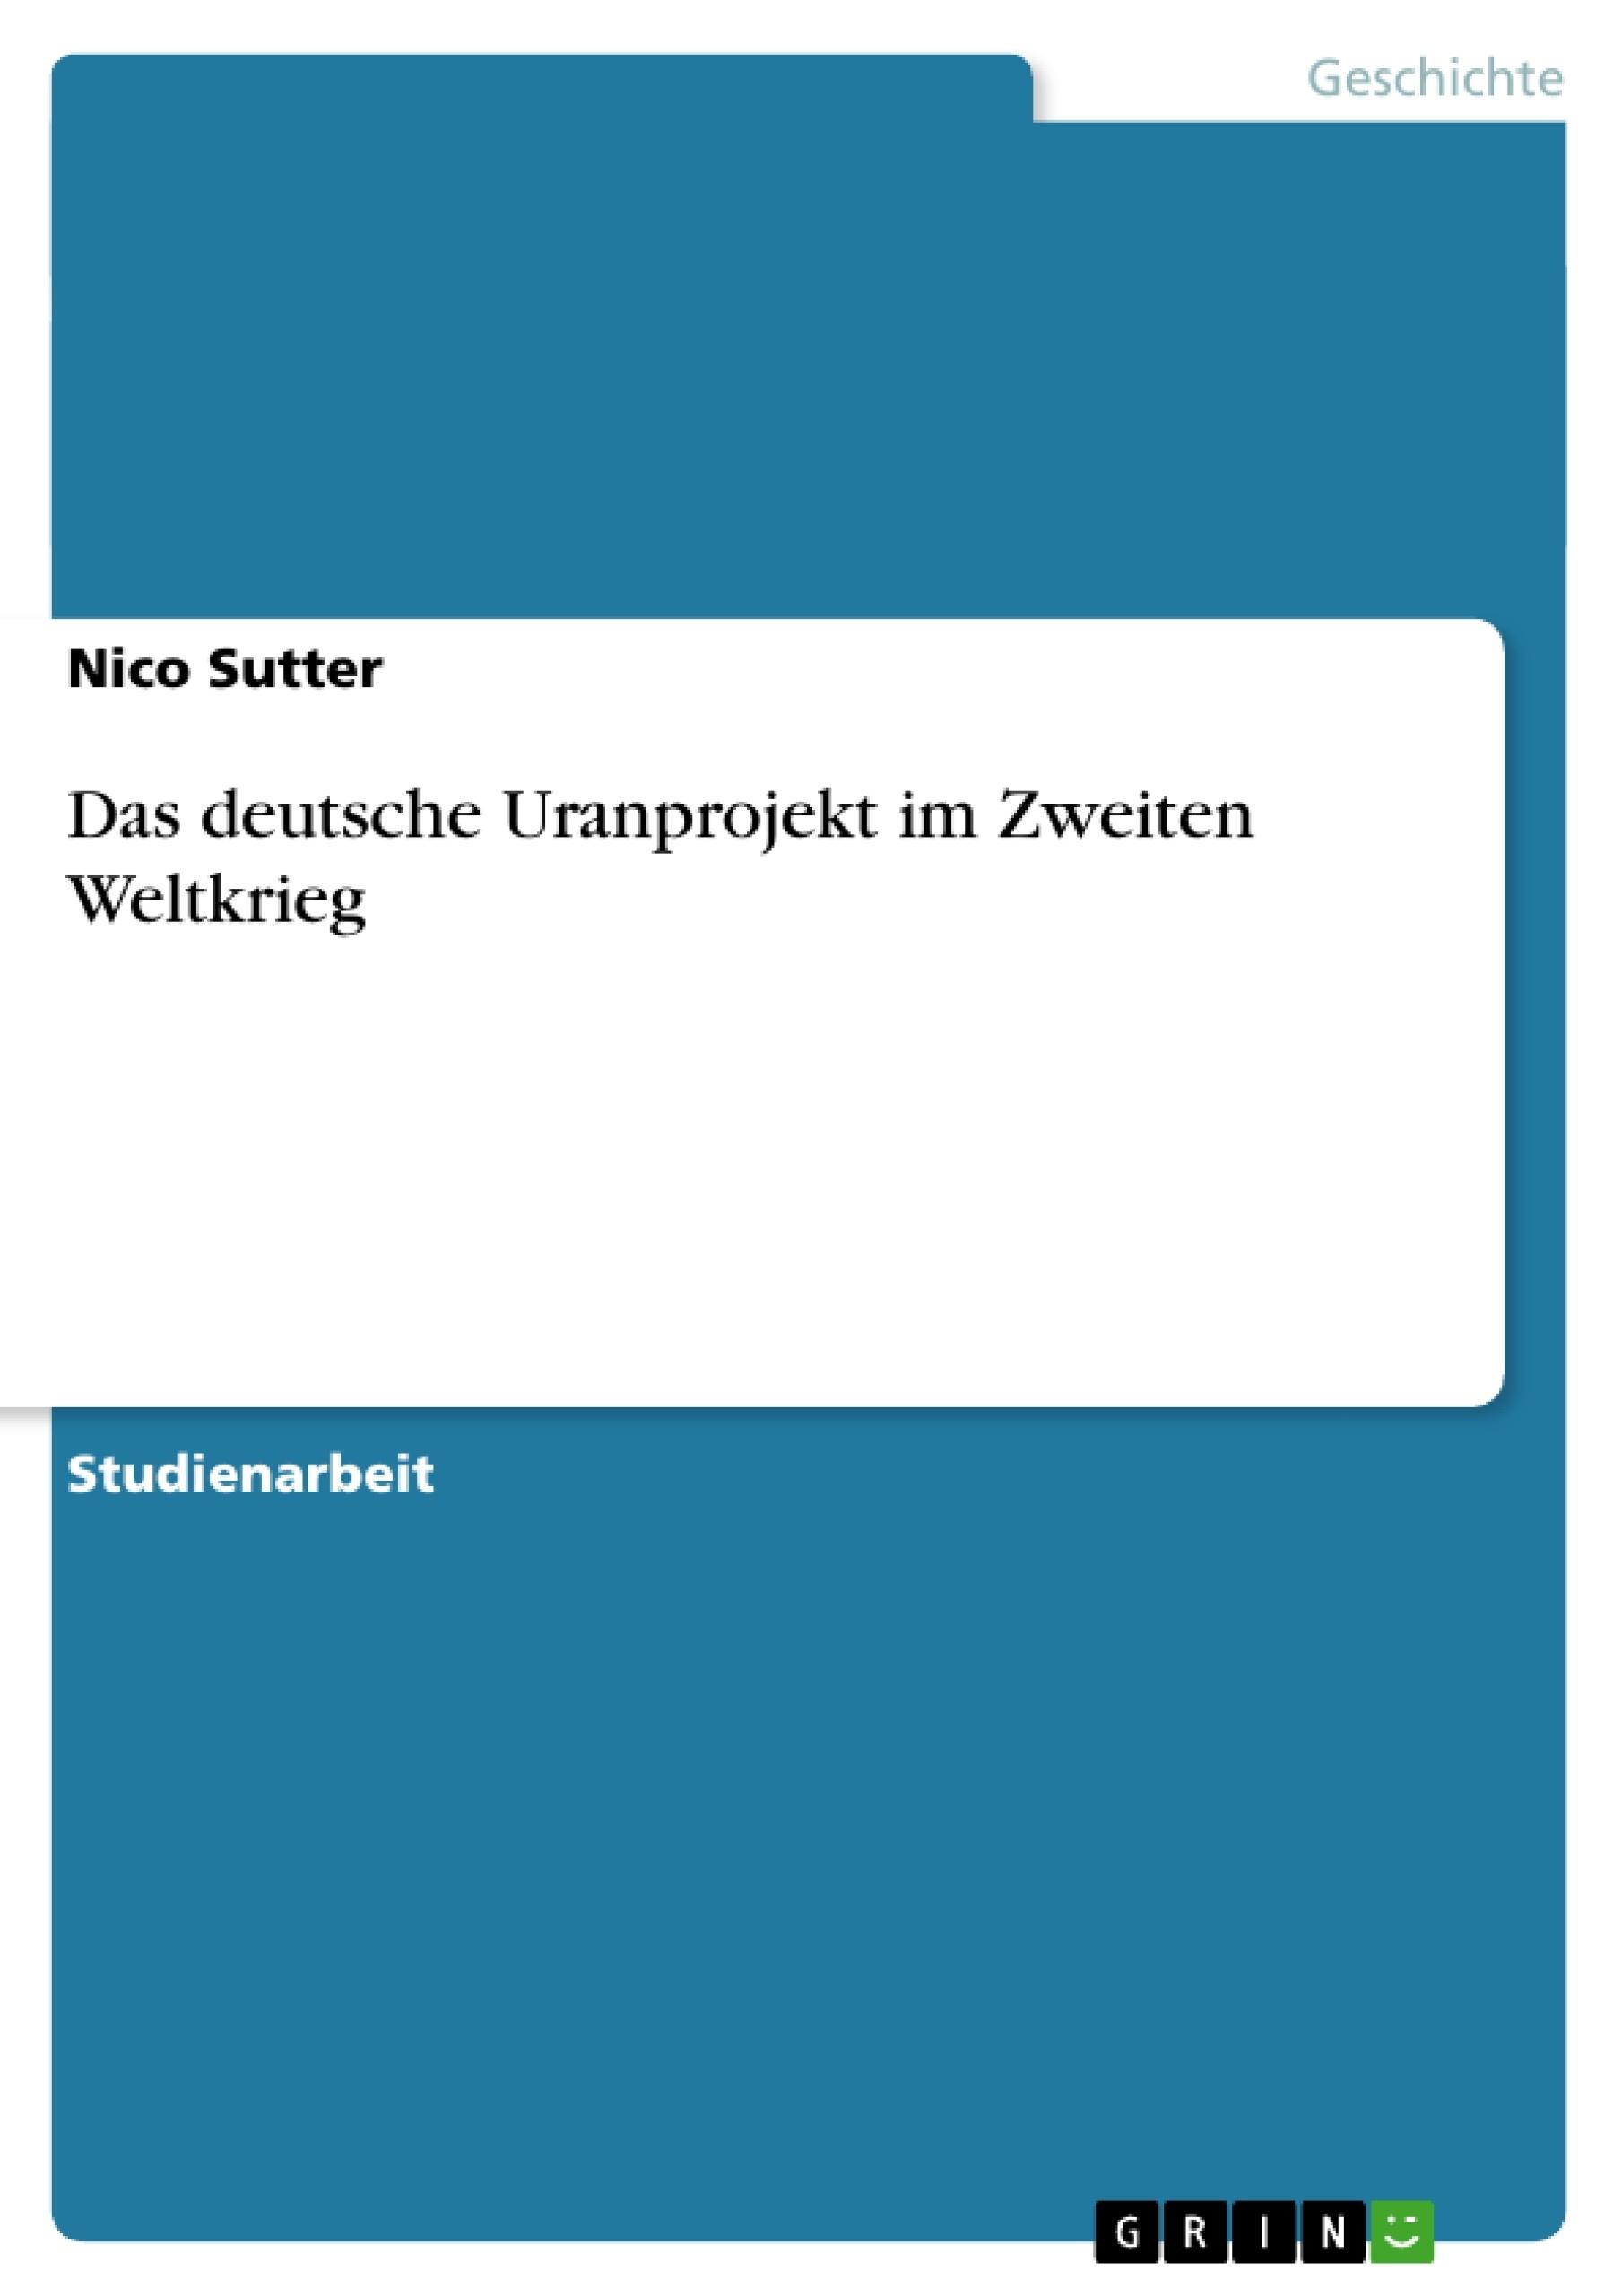 Titel: Das deutsche Uranprojekt im Zweiten Weltkrieg